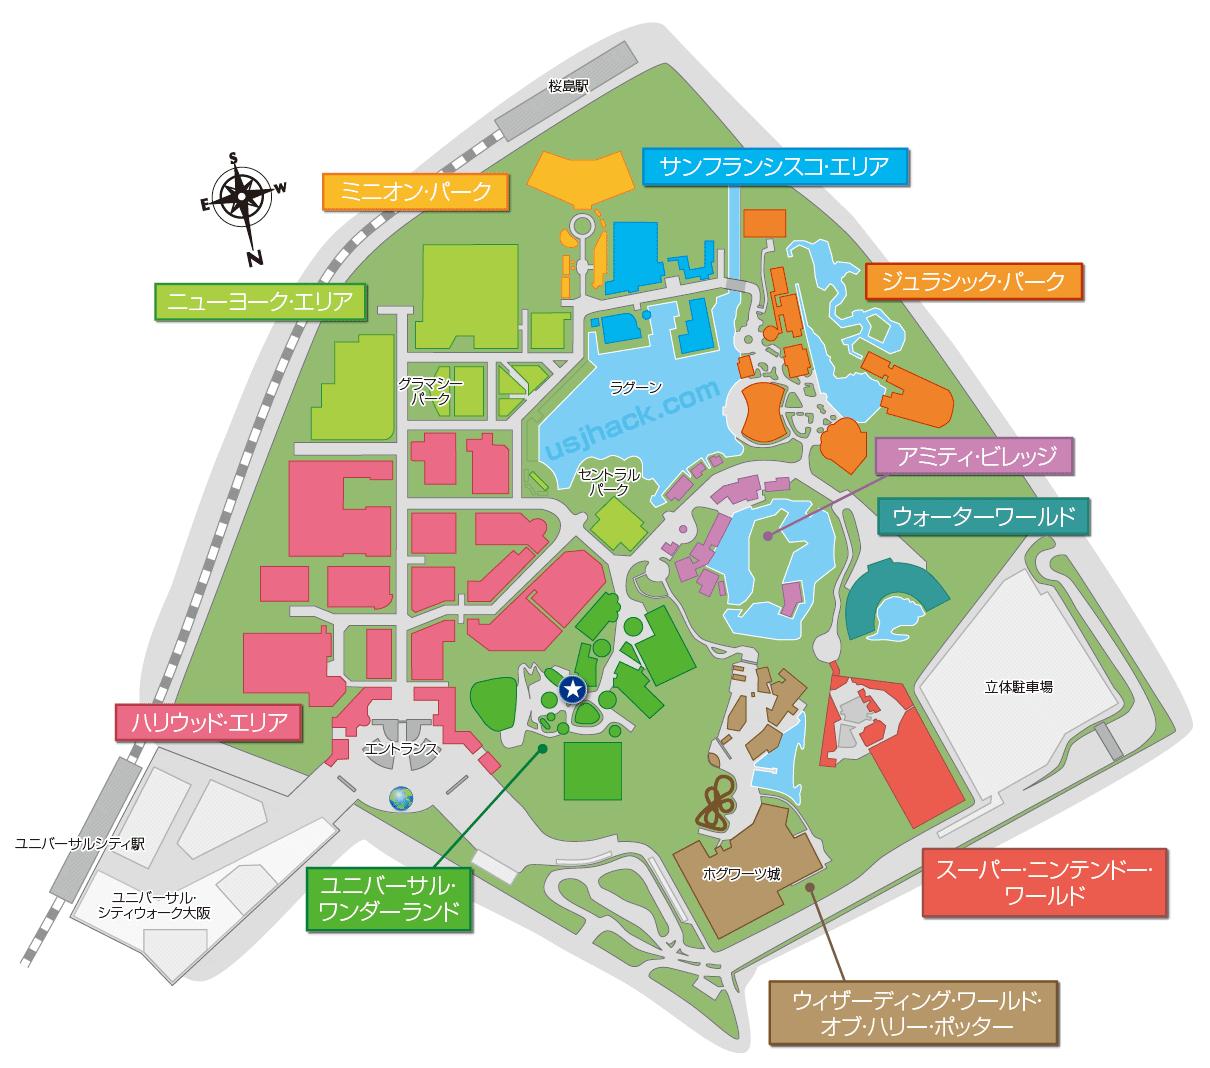 マップでみるUSJカーニバルゲーム「ビンゴビンゴ」の場所